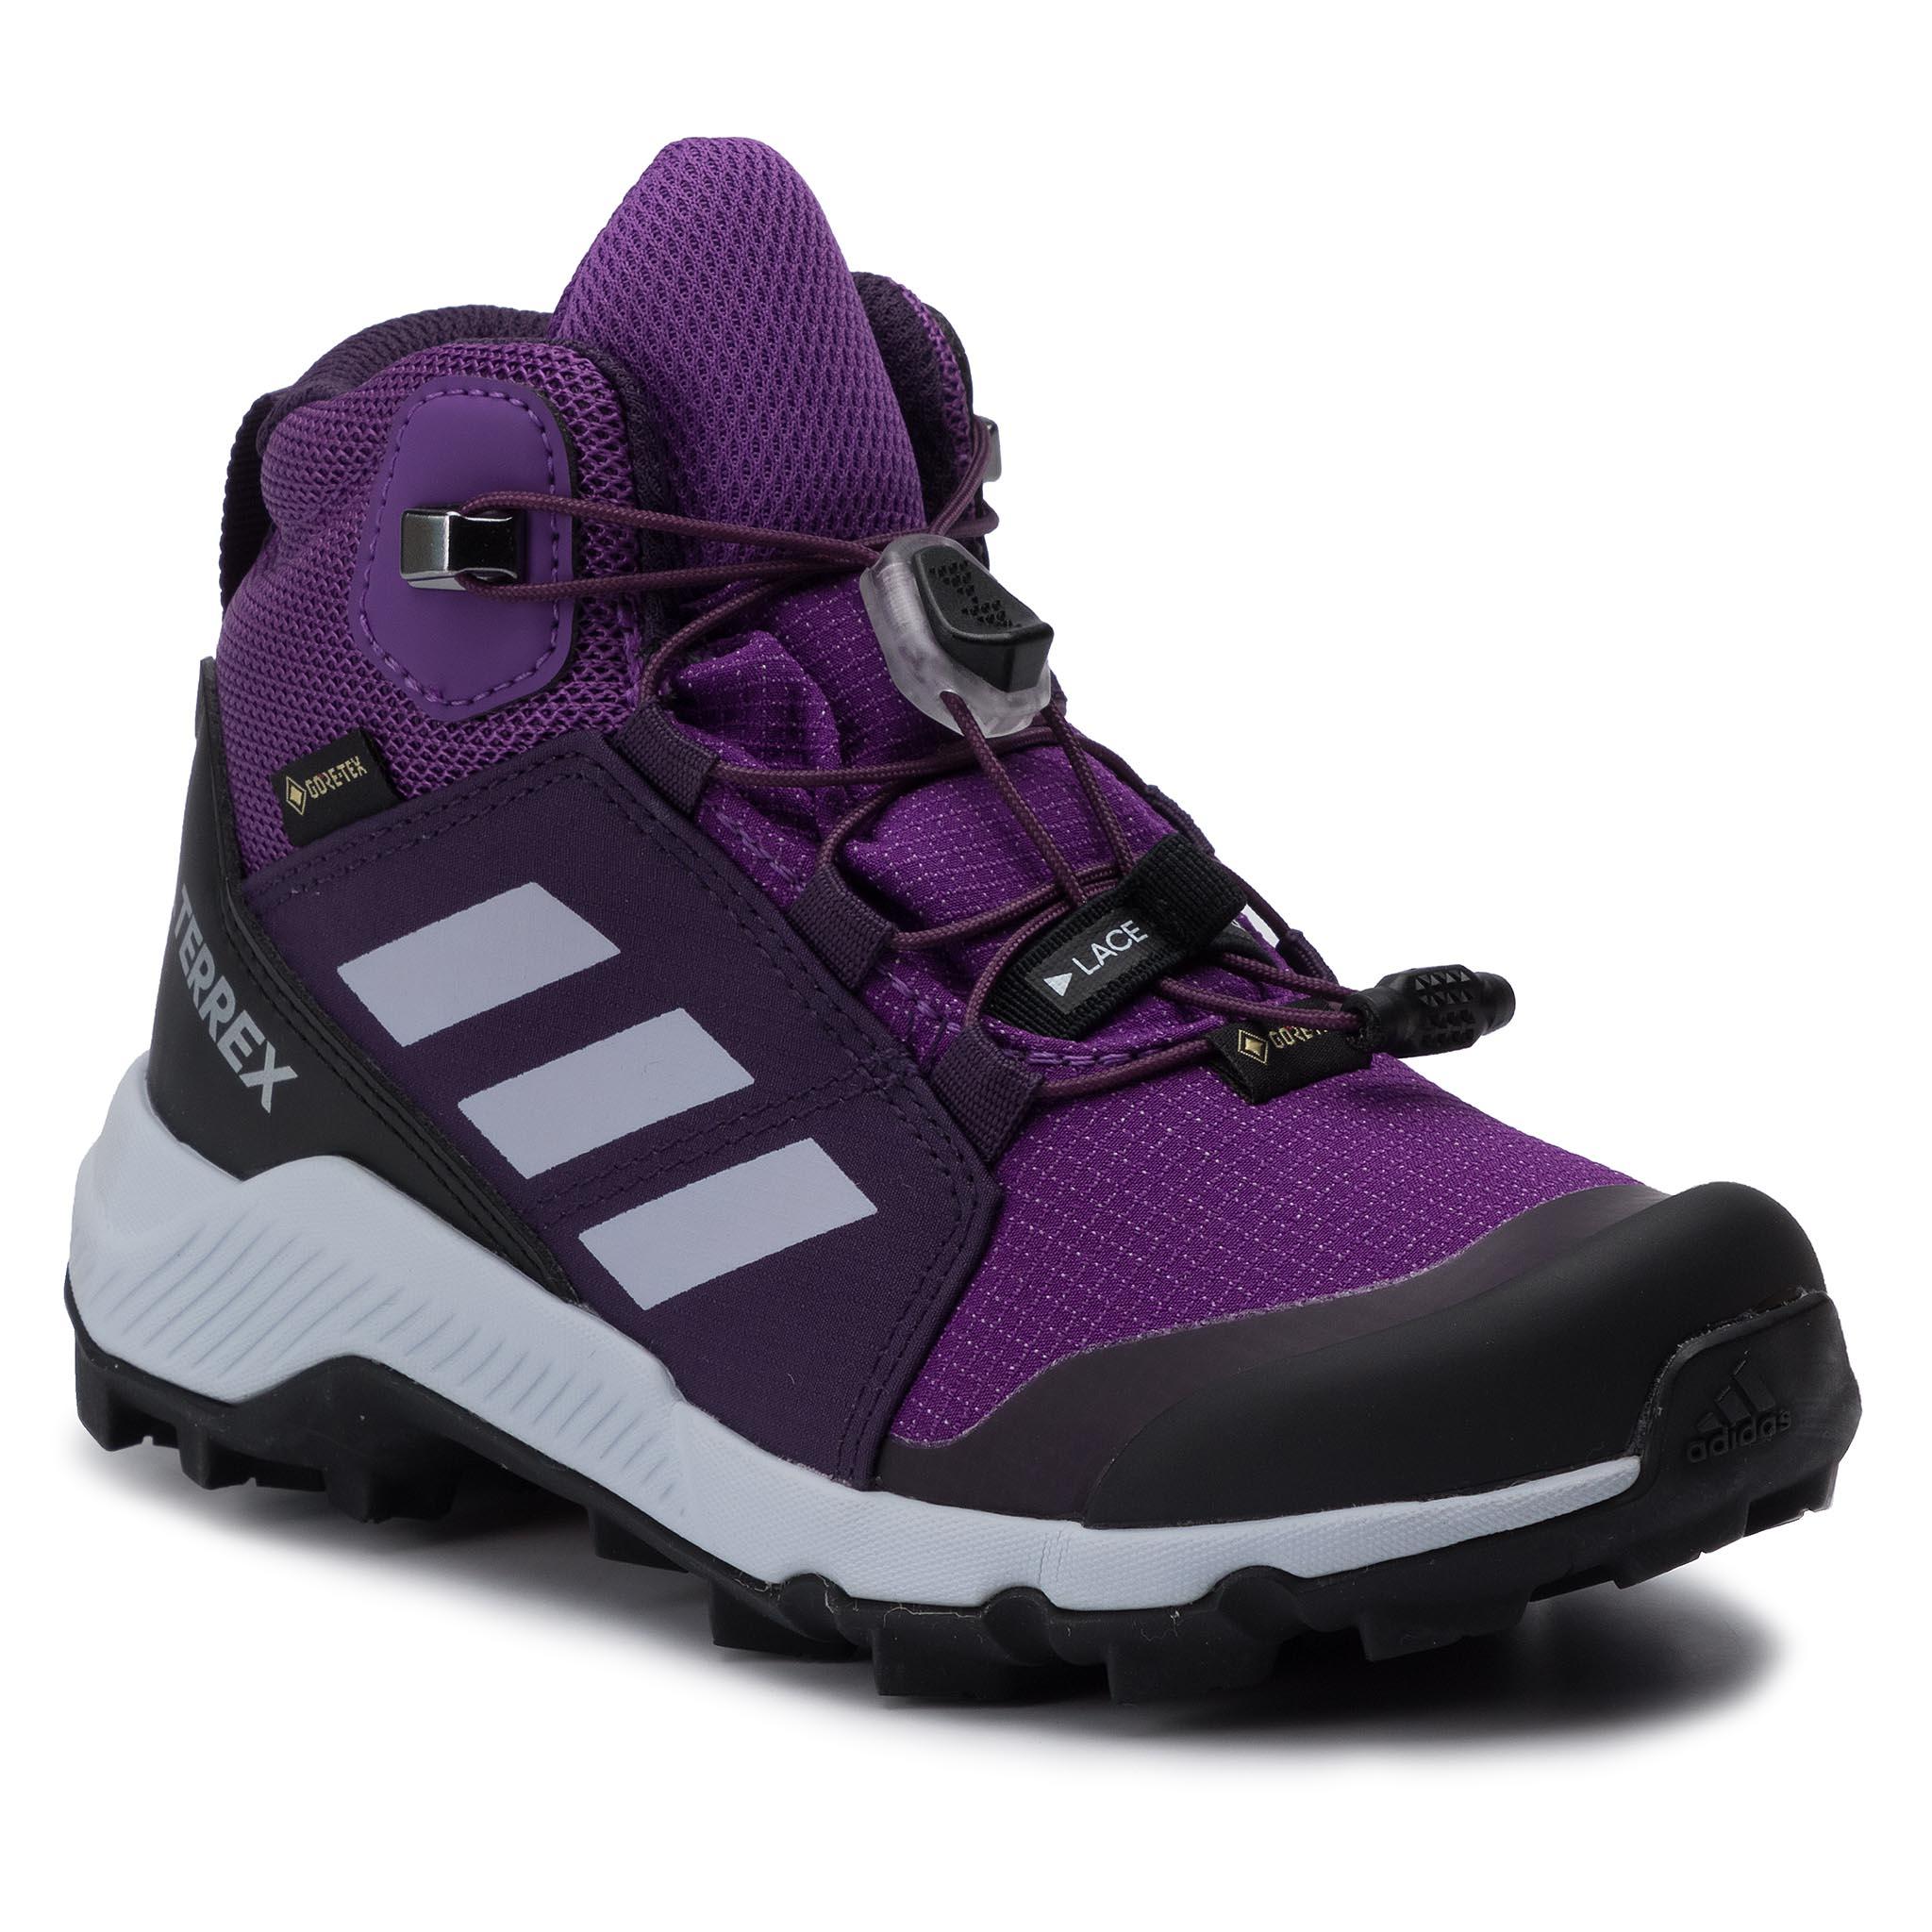 aliexpress wyglądają dobrze wyprzedaż buty Pierwsze spojrzenie adidas Terrex Mid Gtx K GORE-TEX BC0597